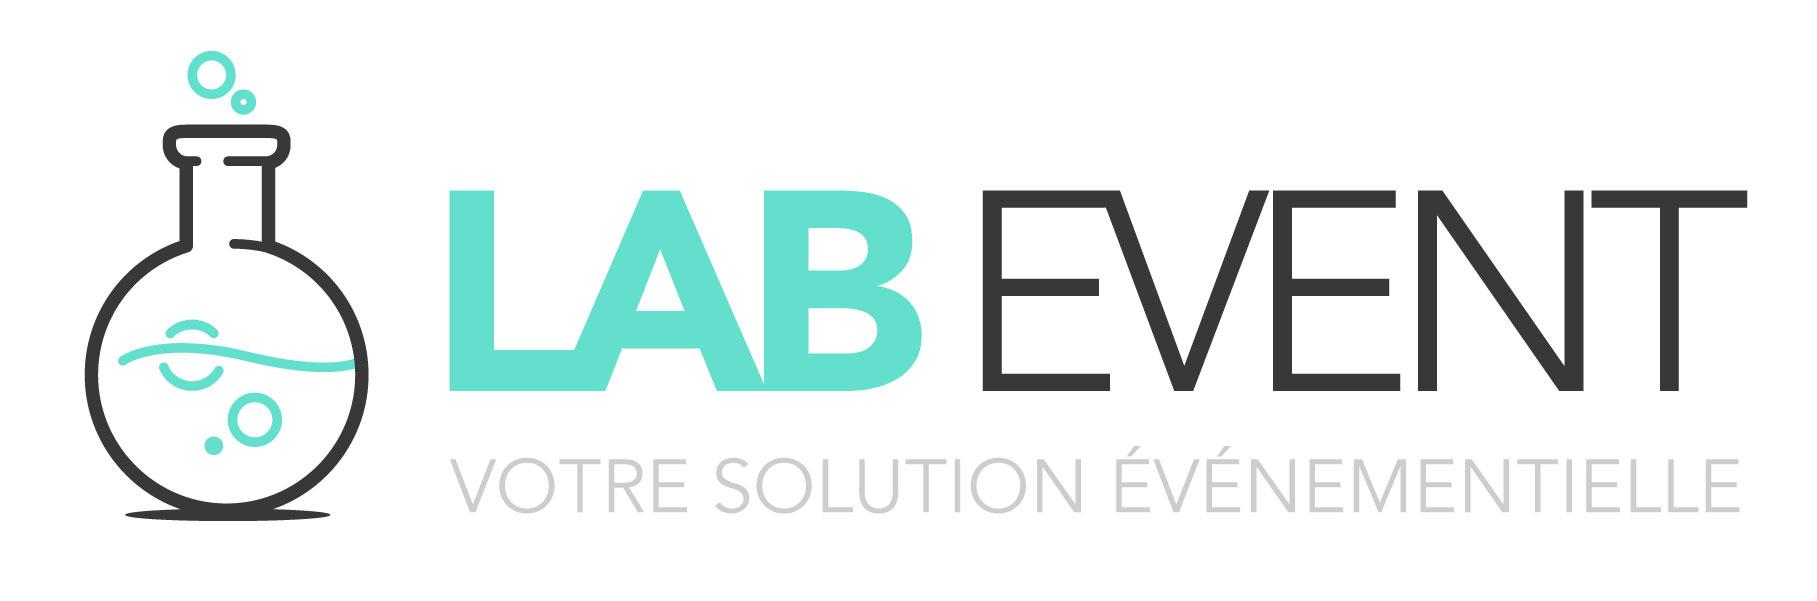 lab event startup annuaire vadim toropoff